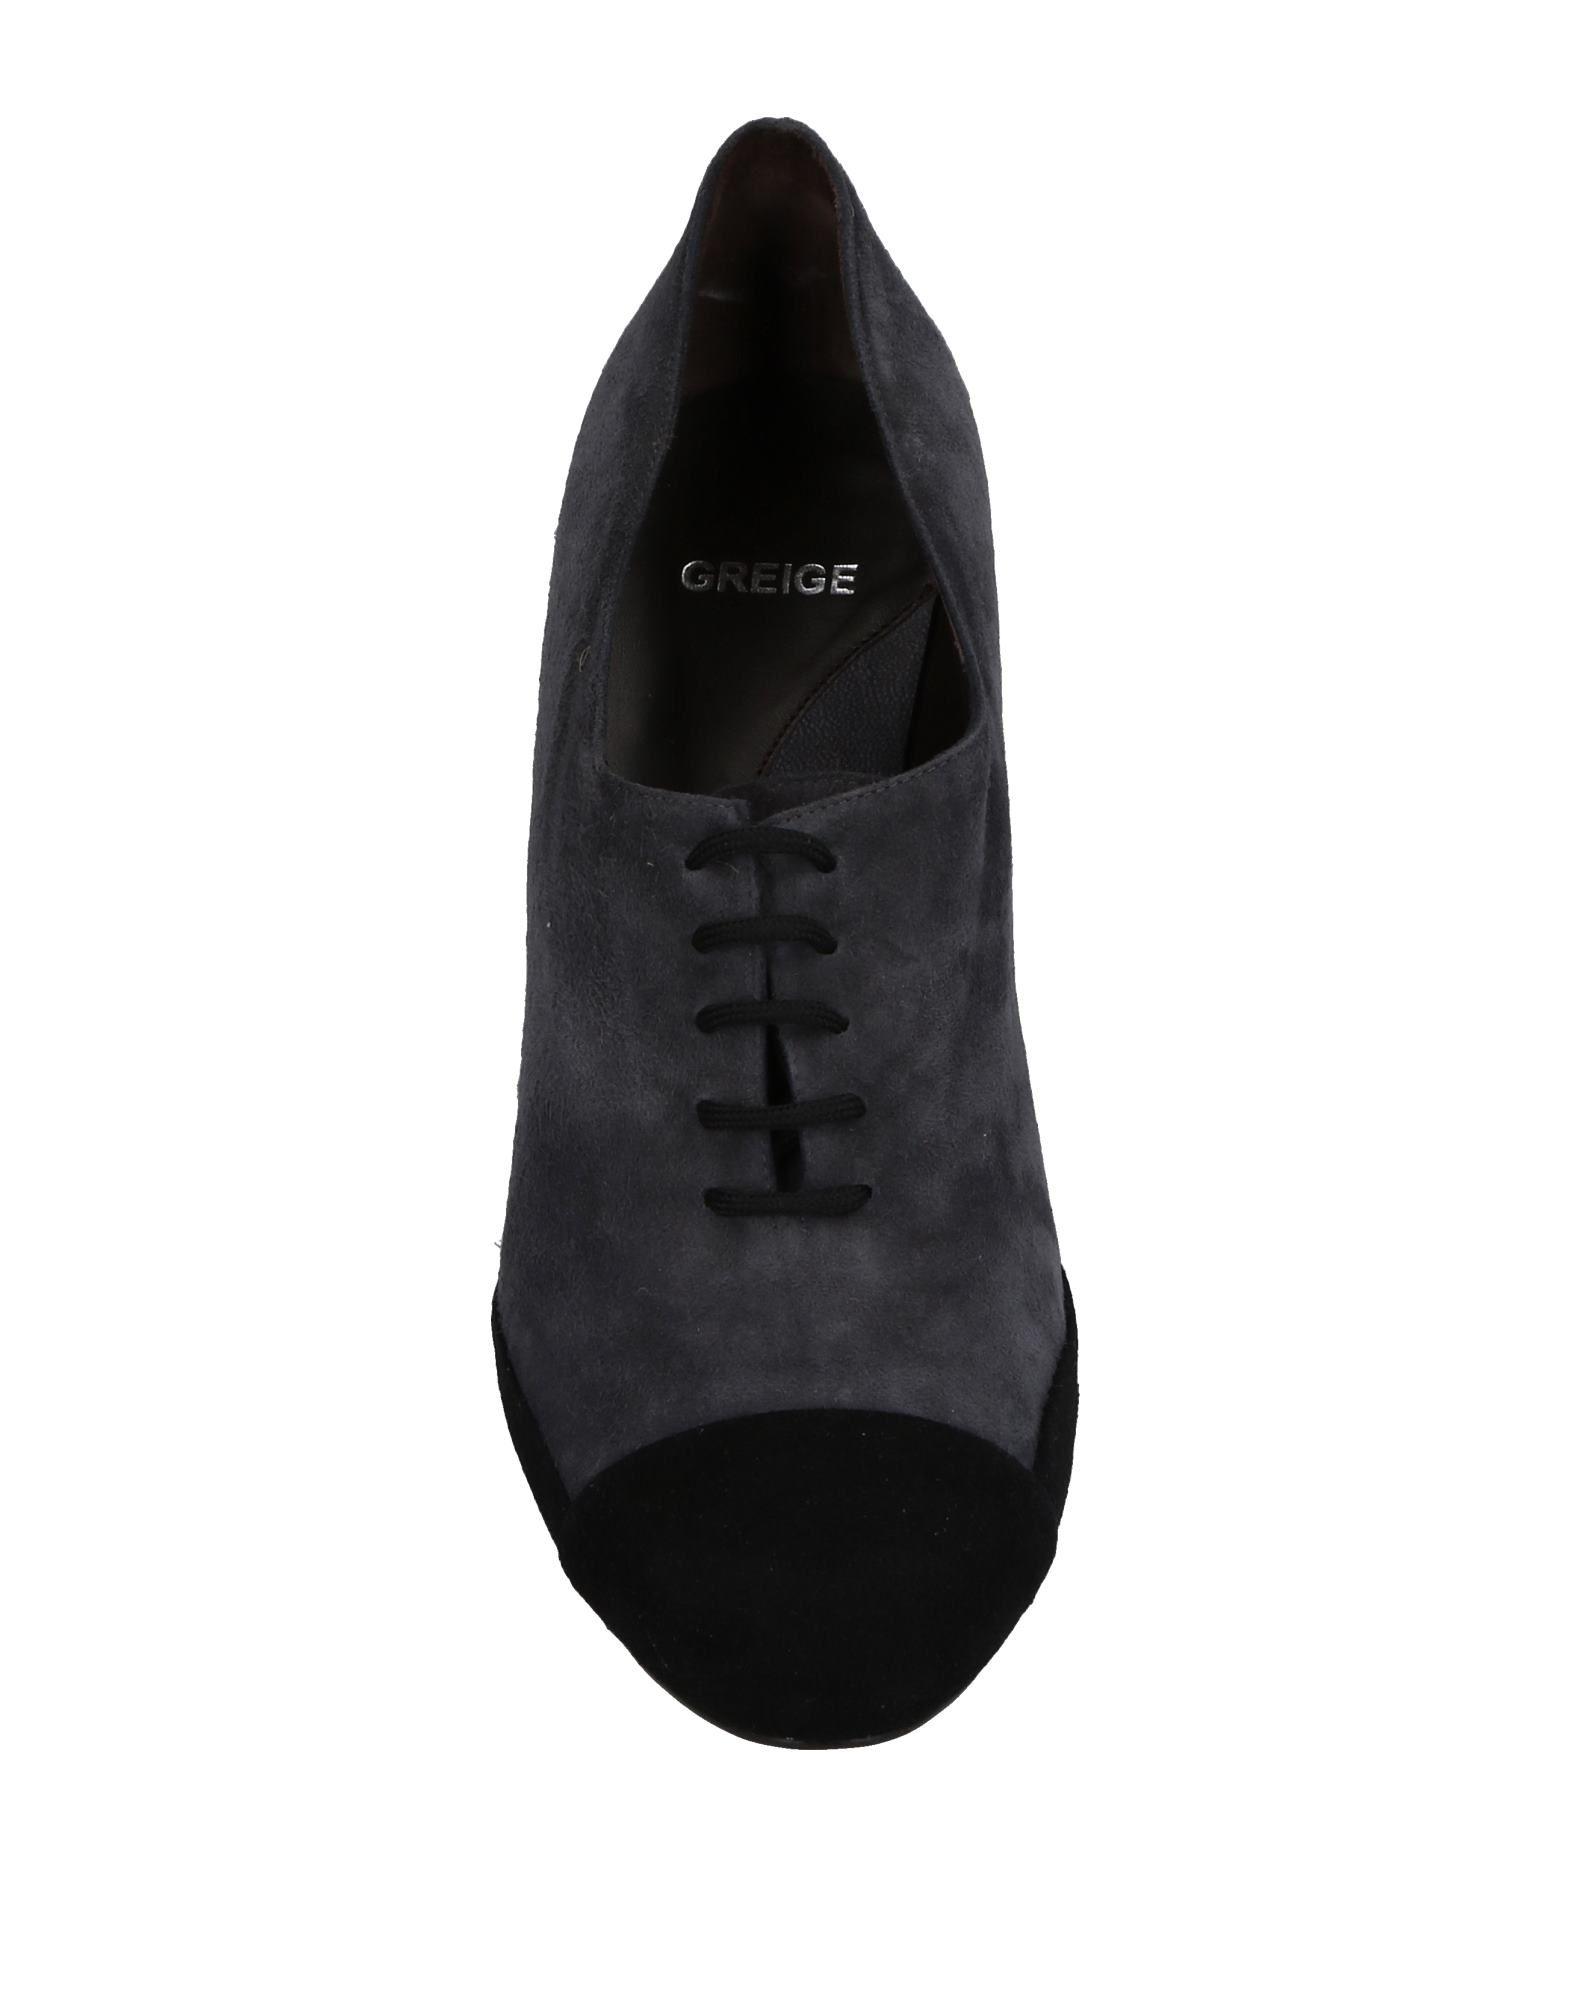 Chaussures À Lacets Greige Femme - Chaussures À Lacets Greige sur